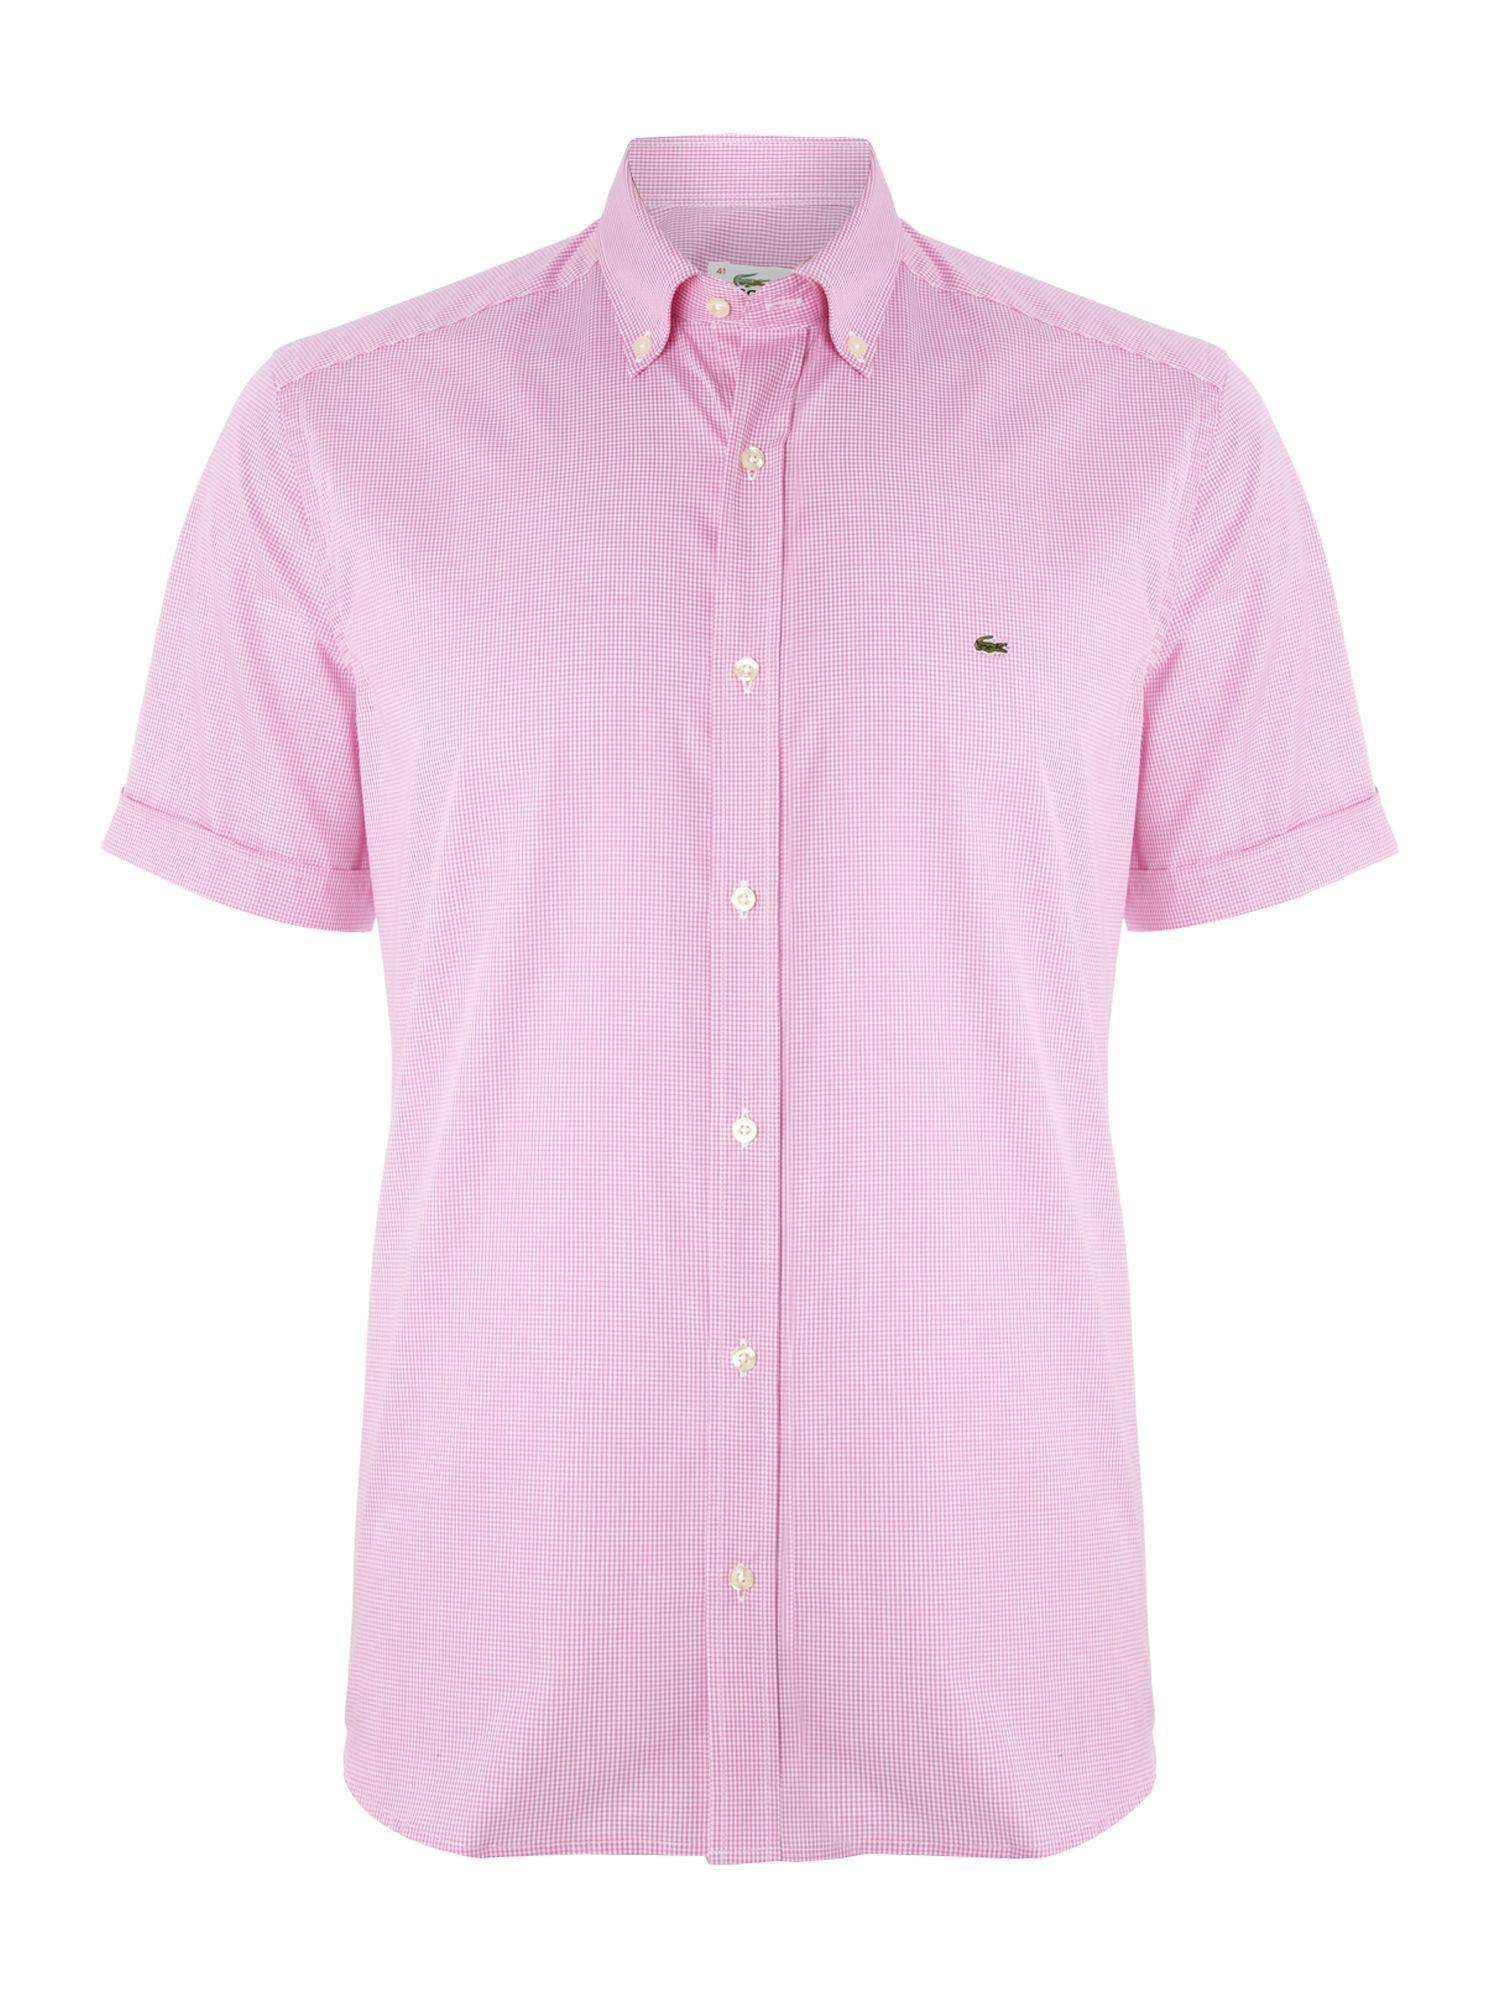 Lacoste Short Sleeved Mini Gingham Shirt For Men Lyst